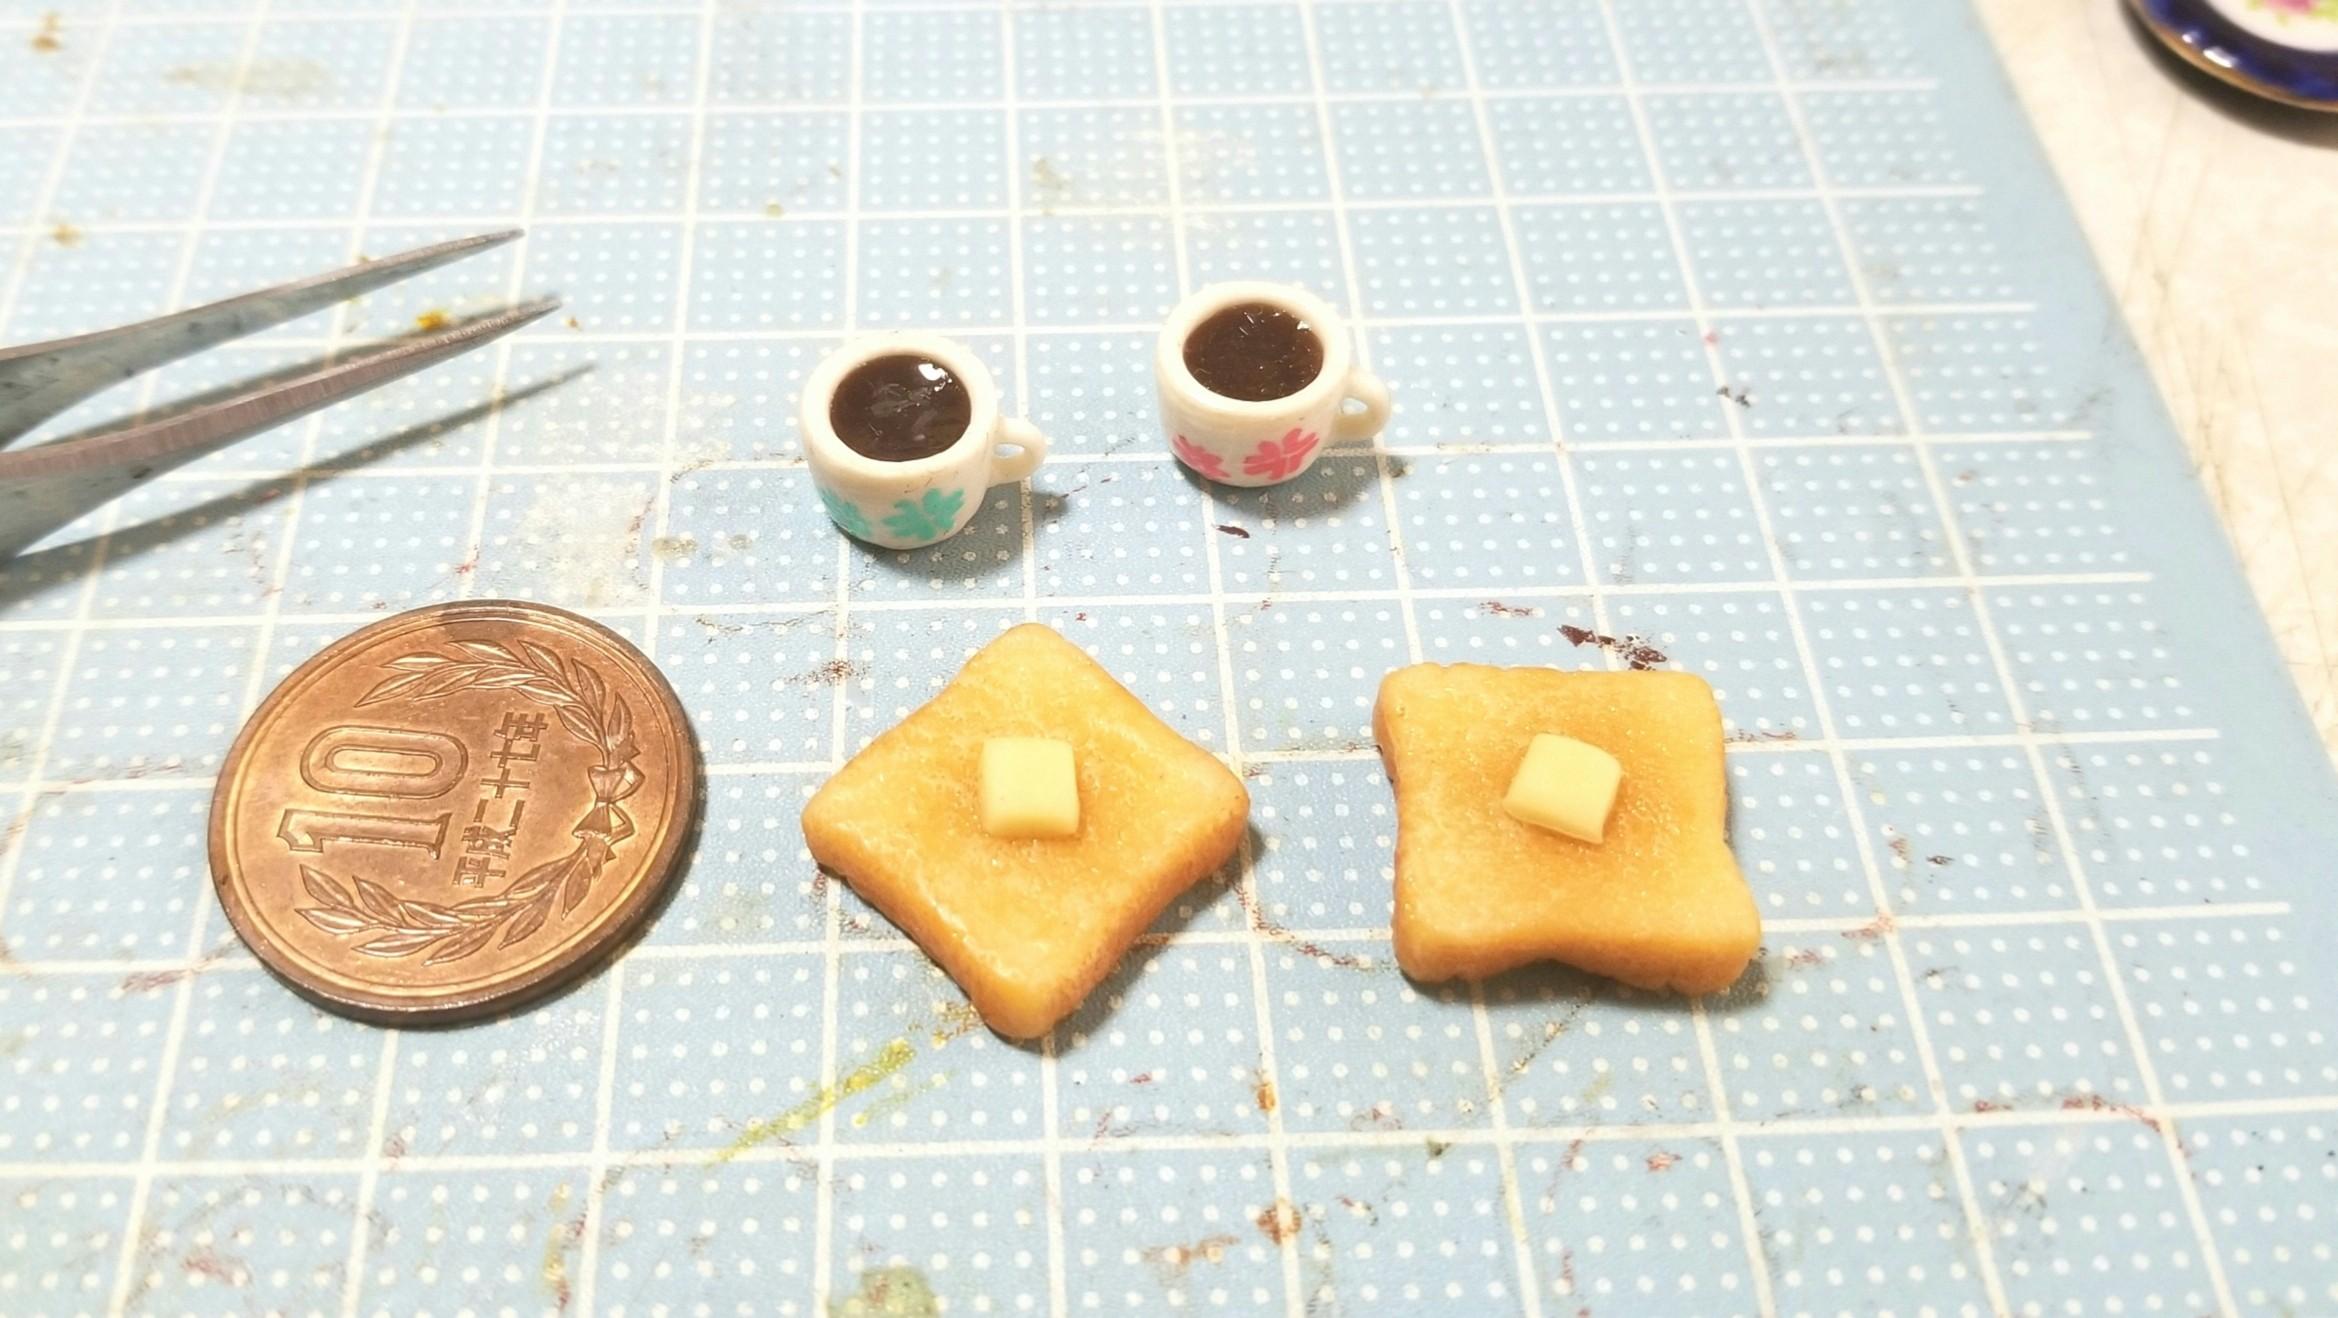 よもぎのミニチュアフード,パン,バタートースト,樹脂粘土,作り方